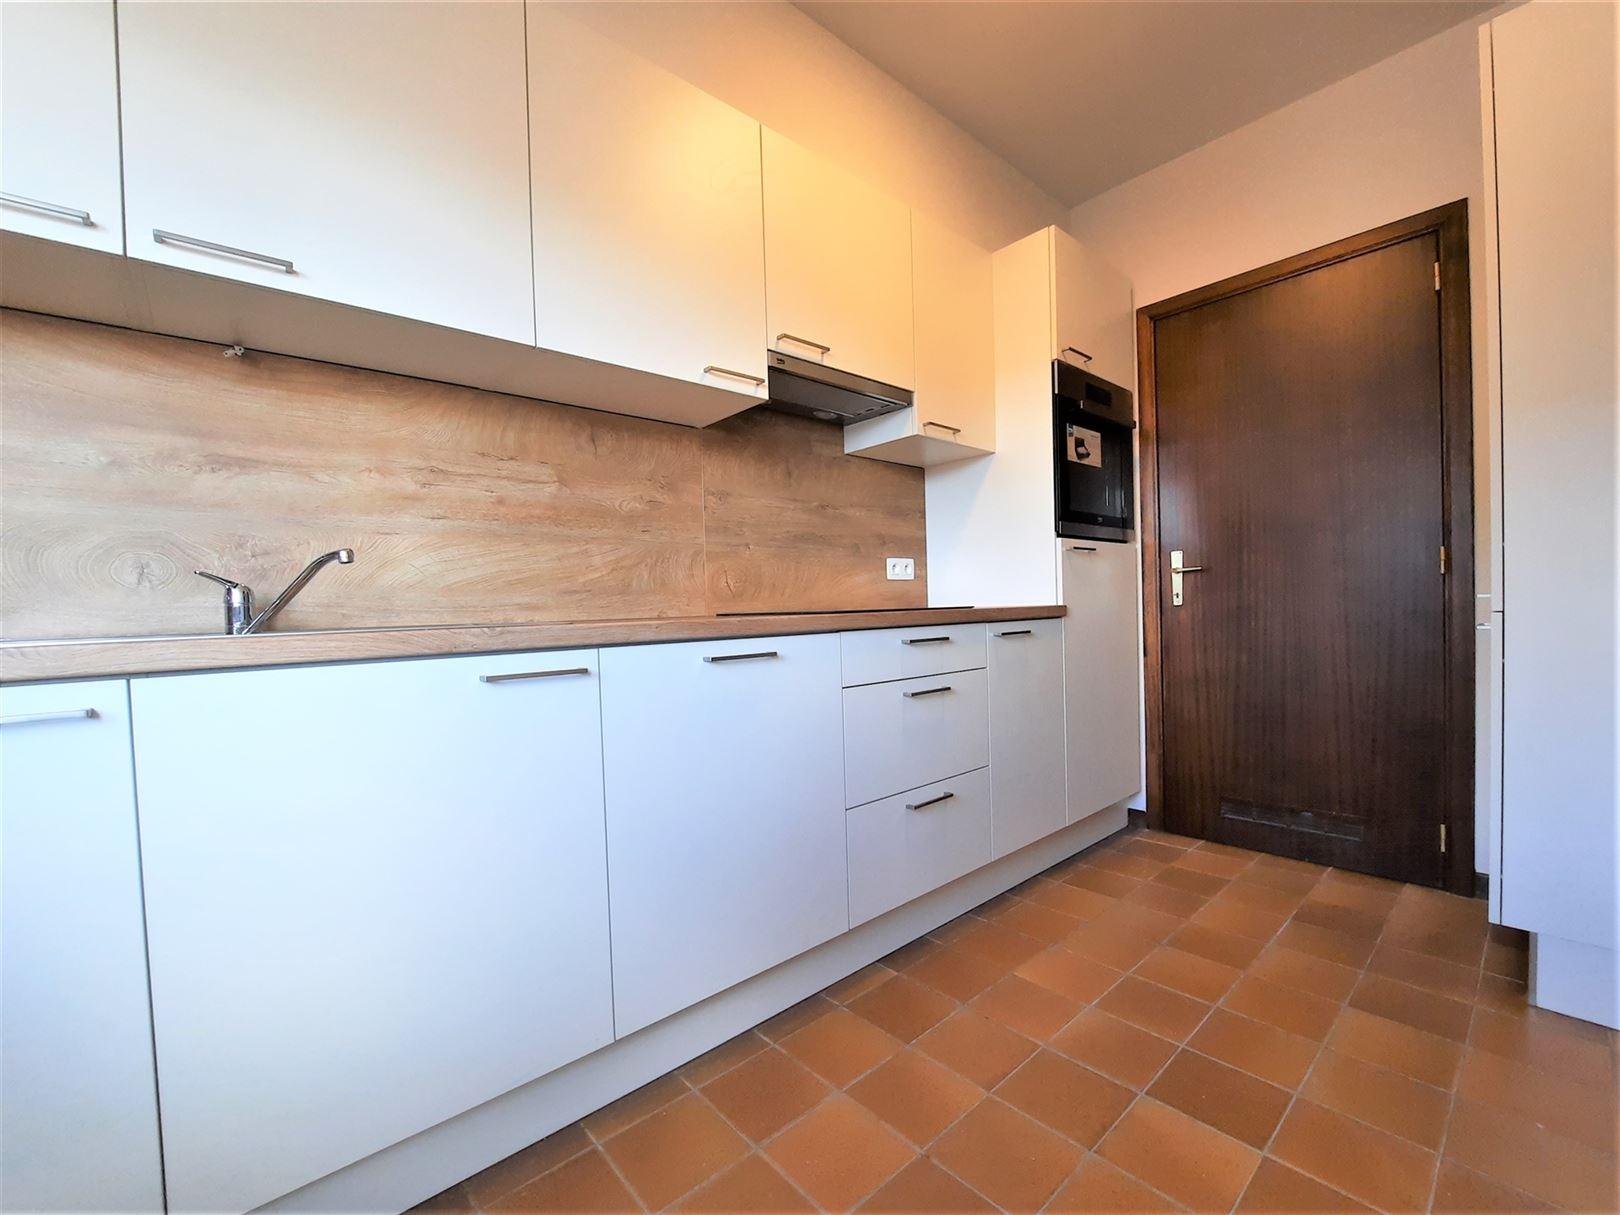 Foto 4 : Appartement te 9200 OUDEGEM (België) - Prijs € 620